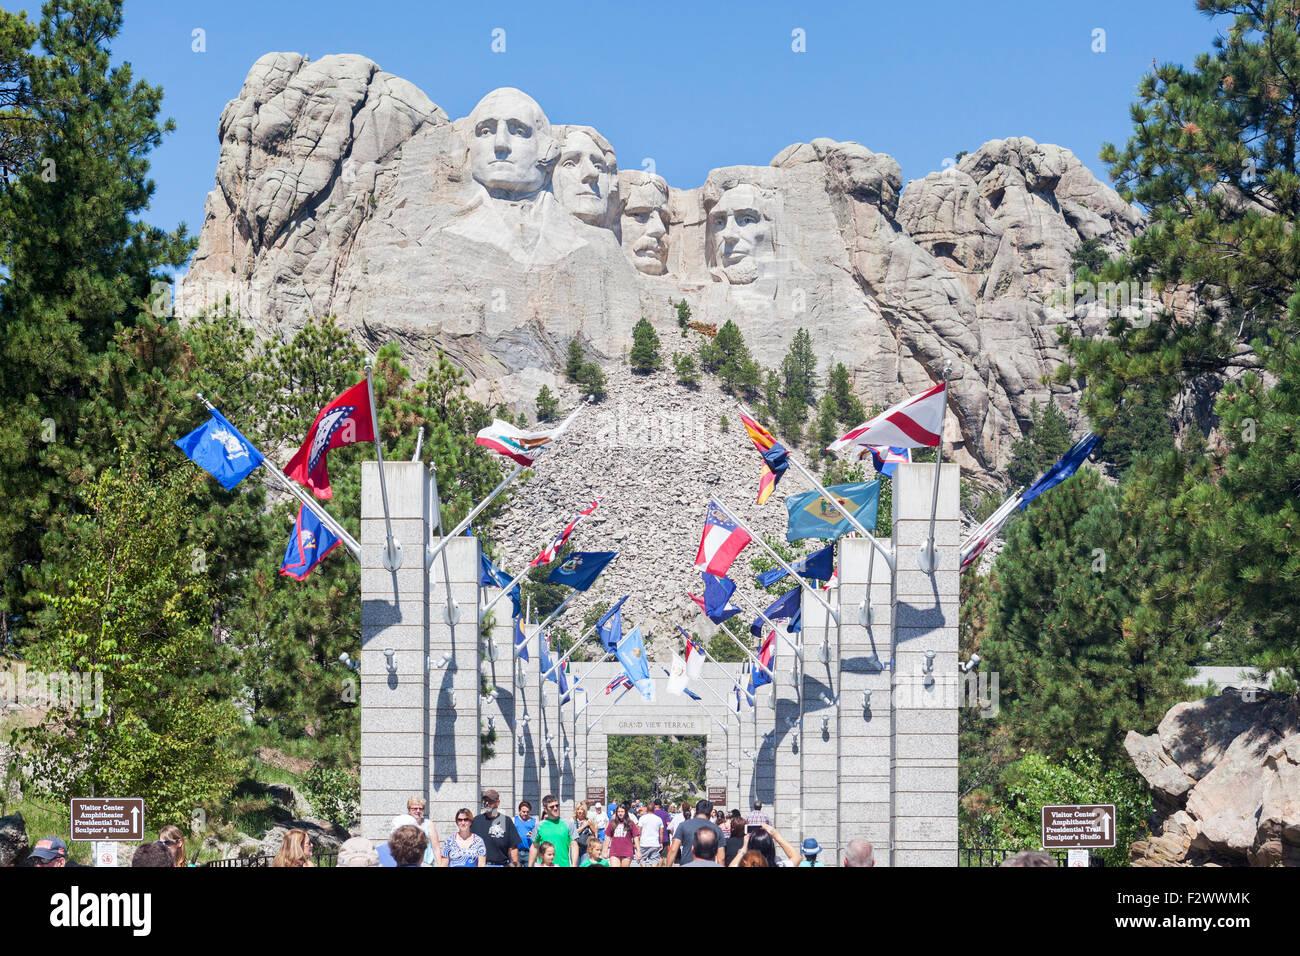 A la vista de los visitantes, turistas, familias viendo el Mount Rushmore National Memorial, Dakota del Sur. Imagen De Stock